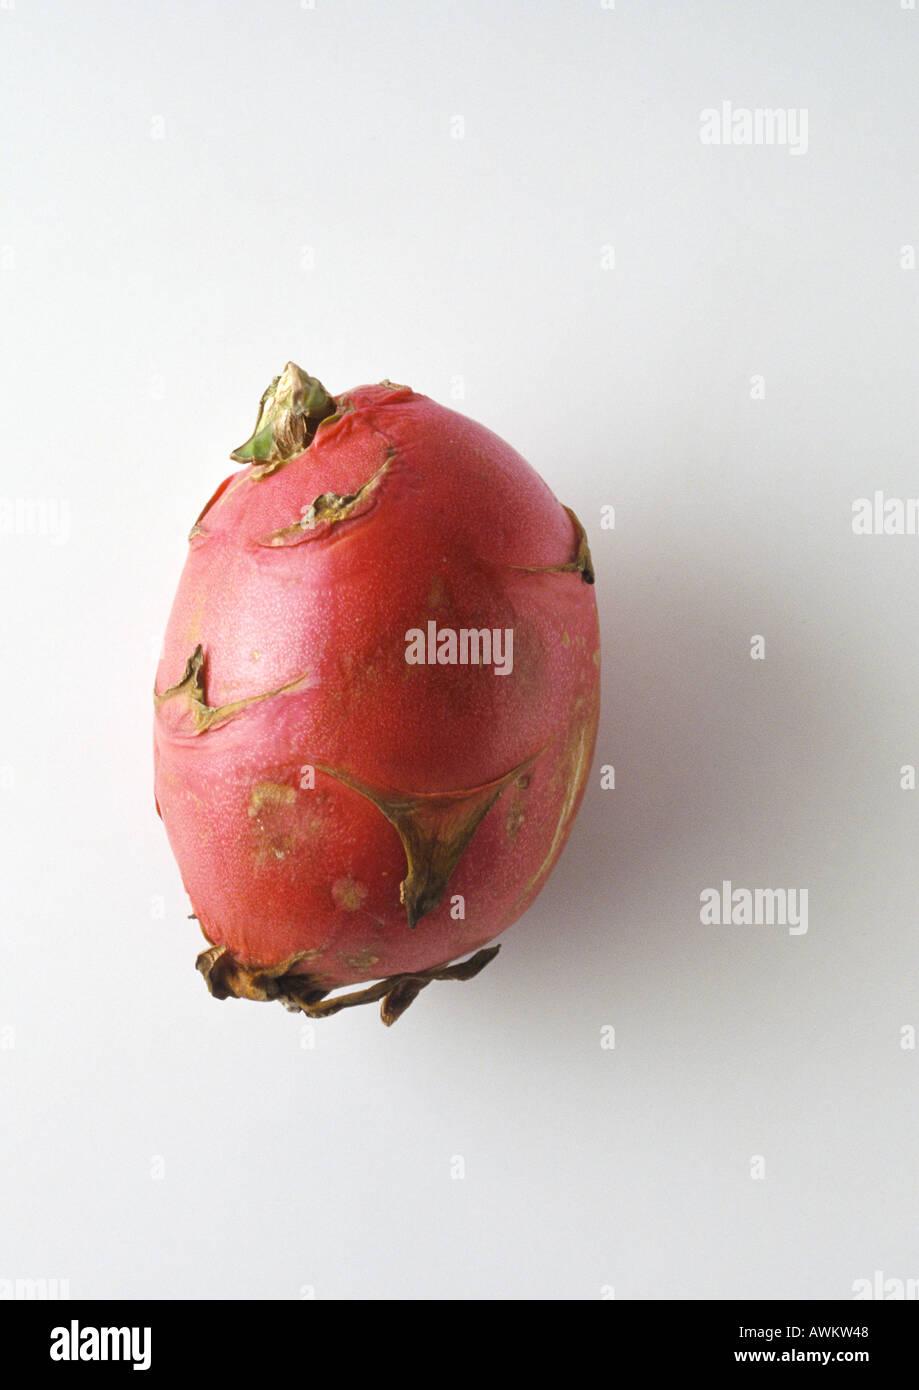 Pitaya, close-up - Stock Image